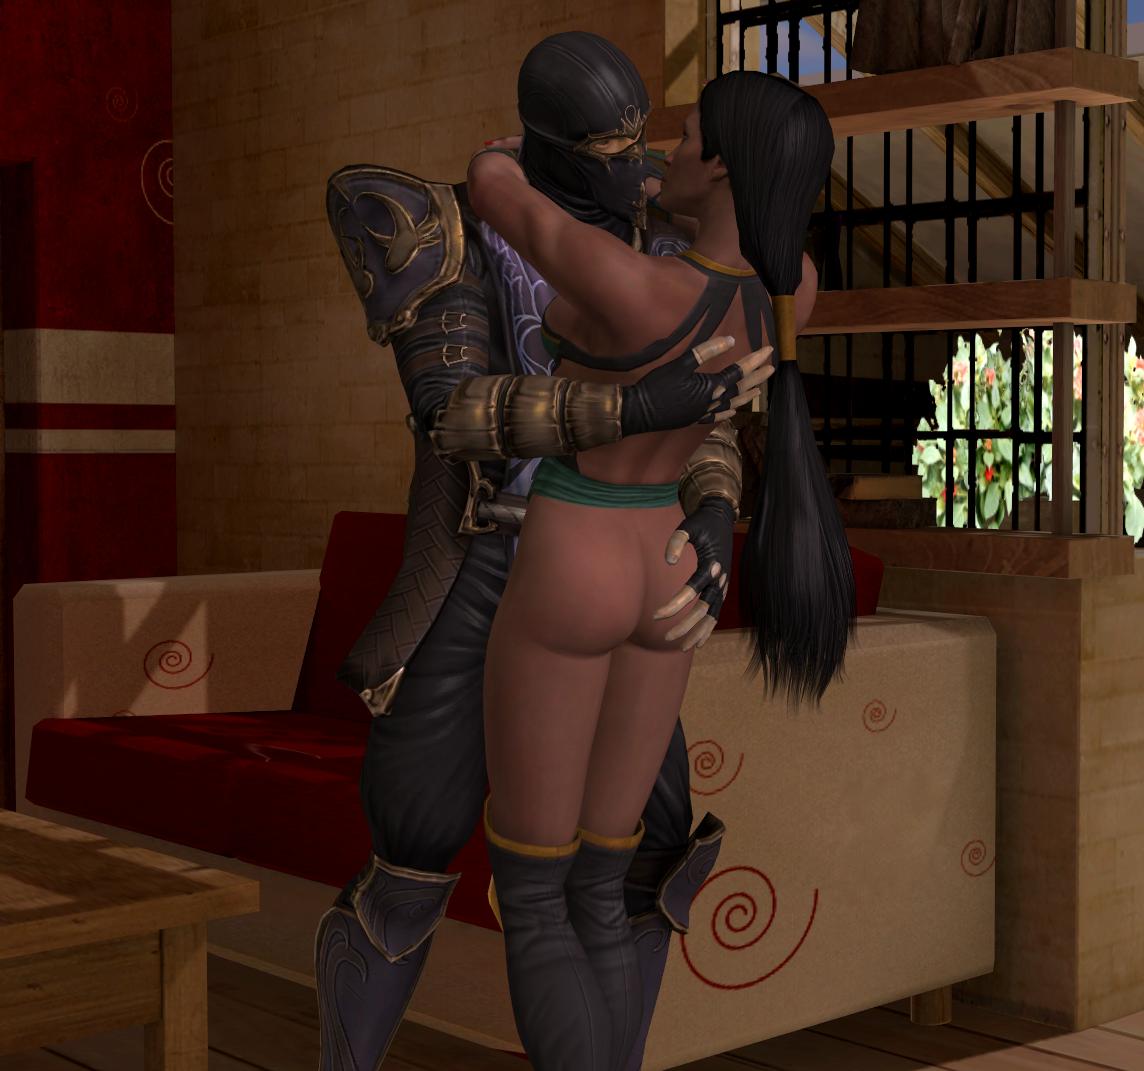 Mortal kombat 9 porno nackt video